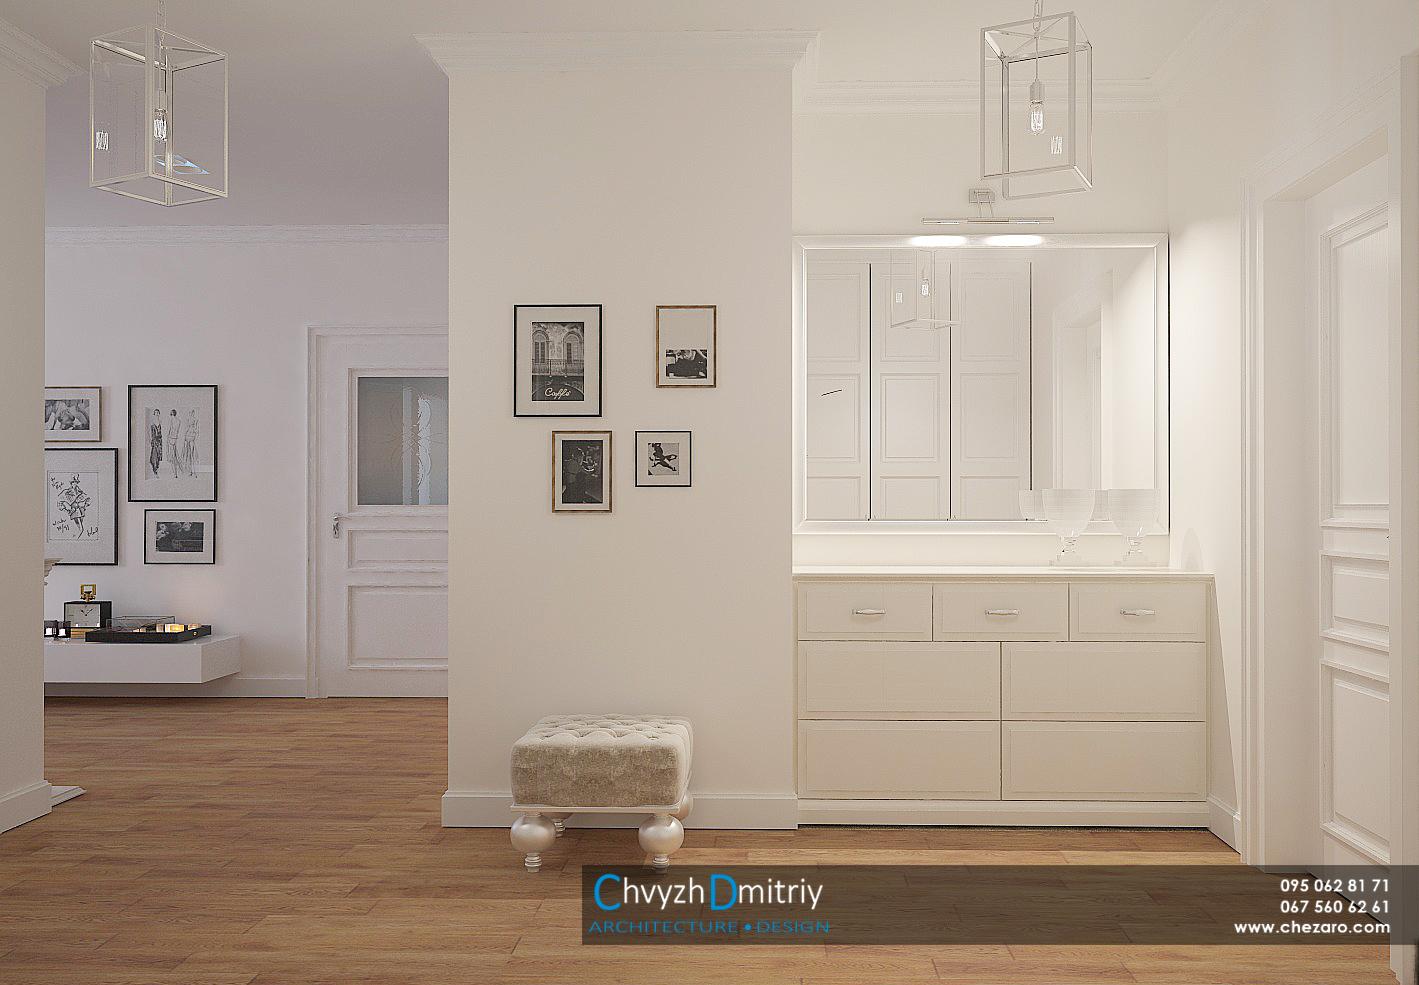 Холл прихожая входная зона шкаф гардероб зеркало современный дизайн интерьера неоклассика классика комод хранение освещение светильники люстра